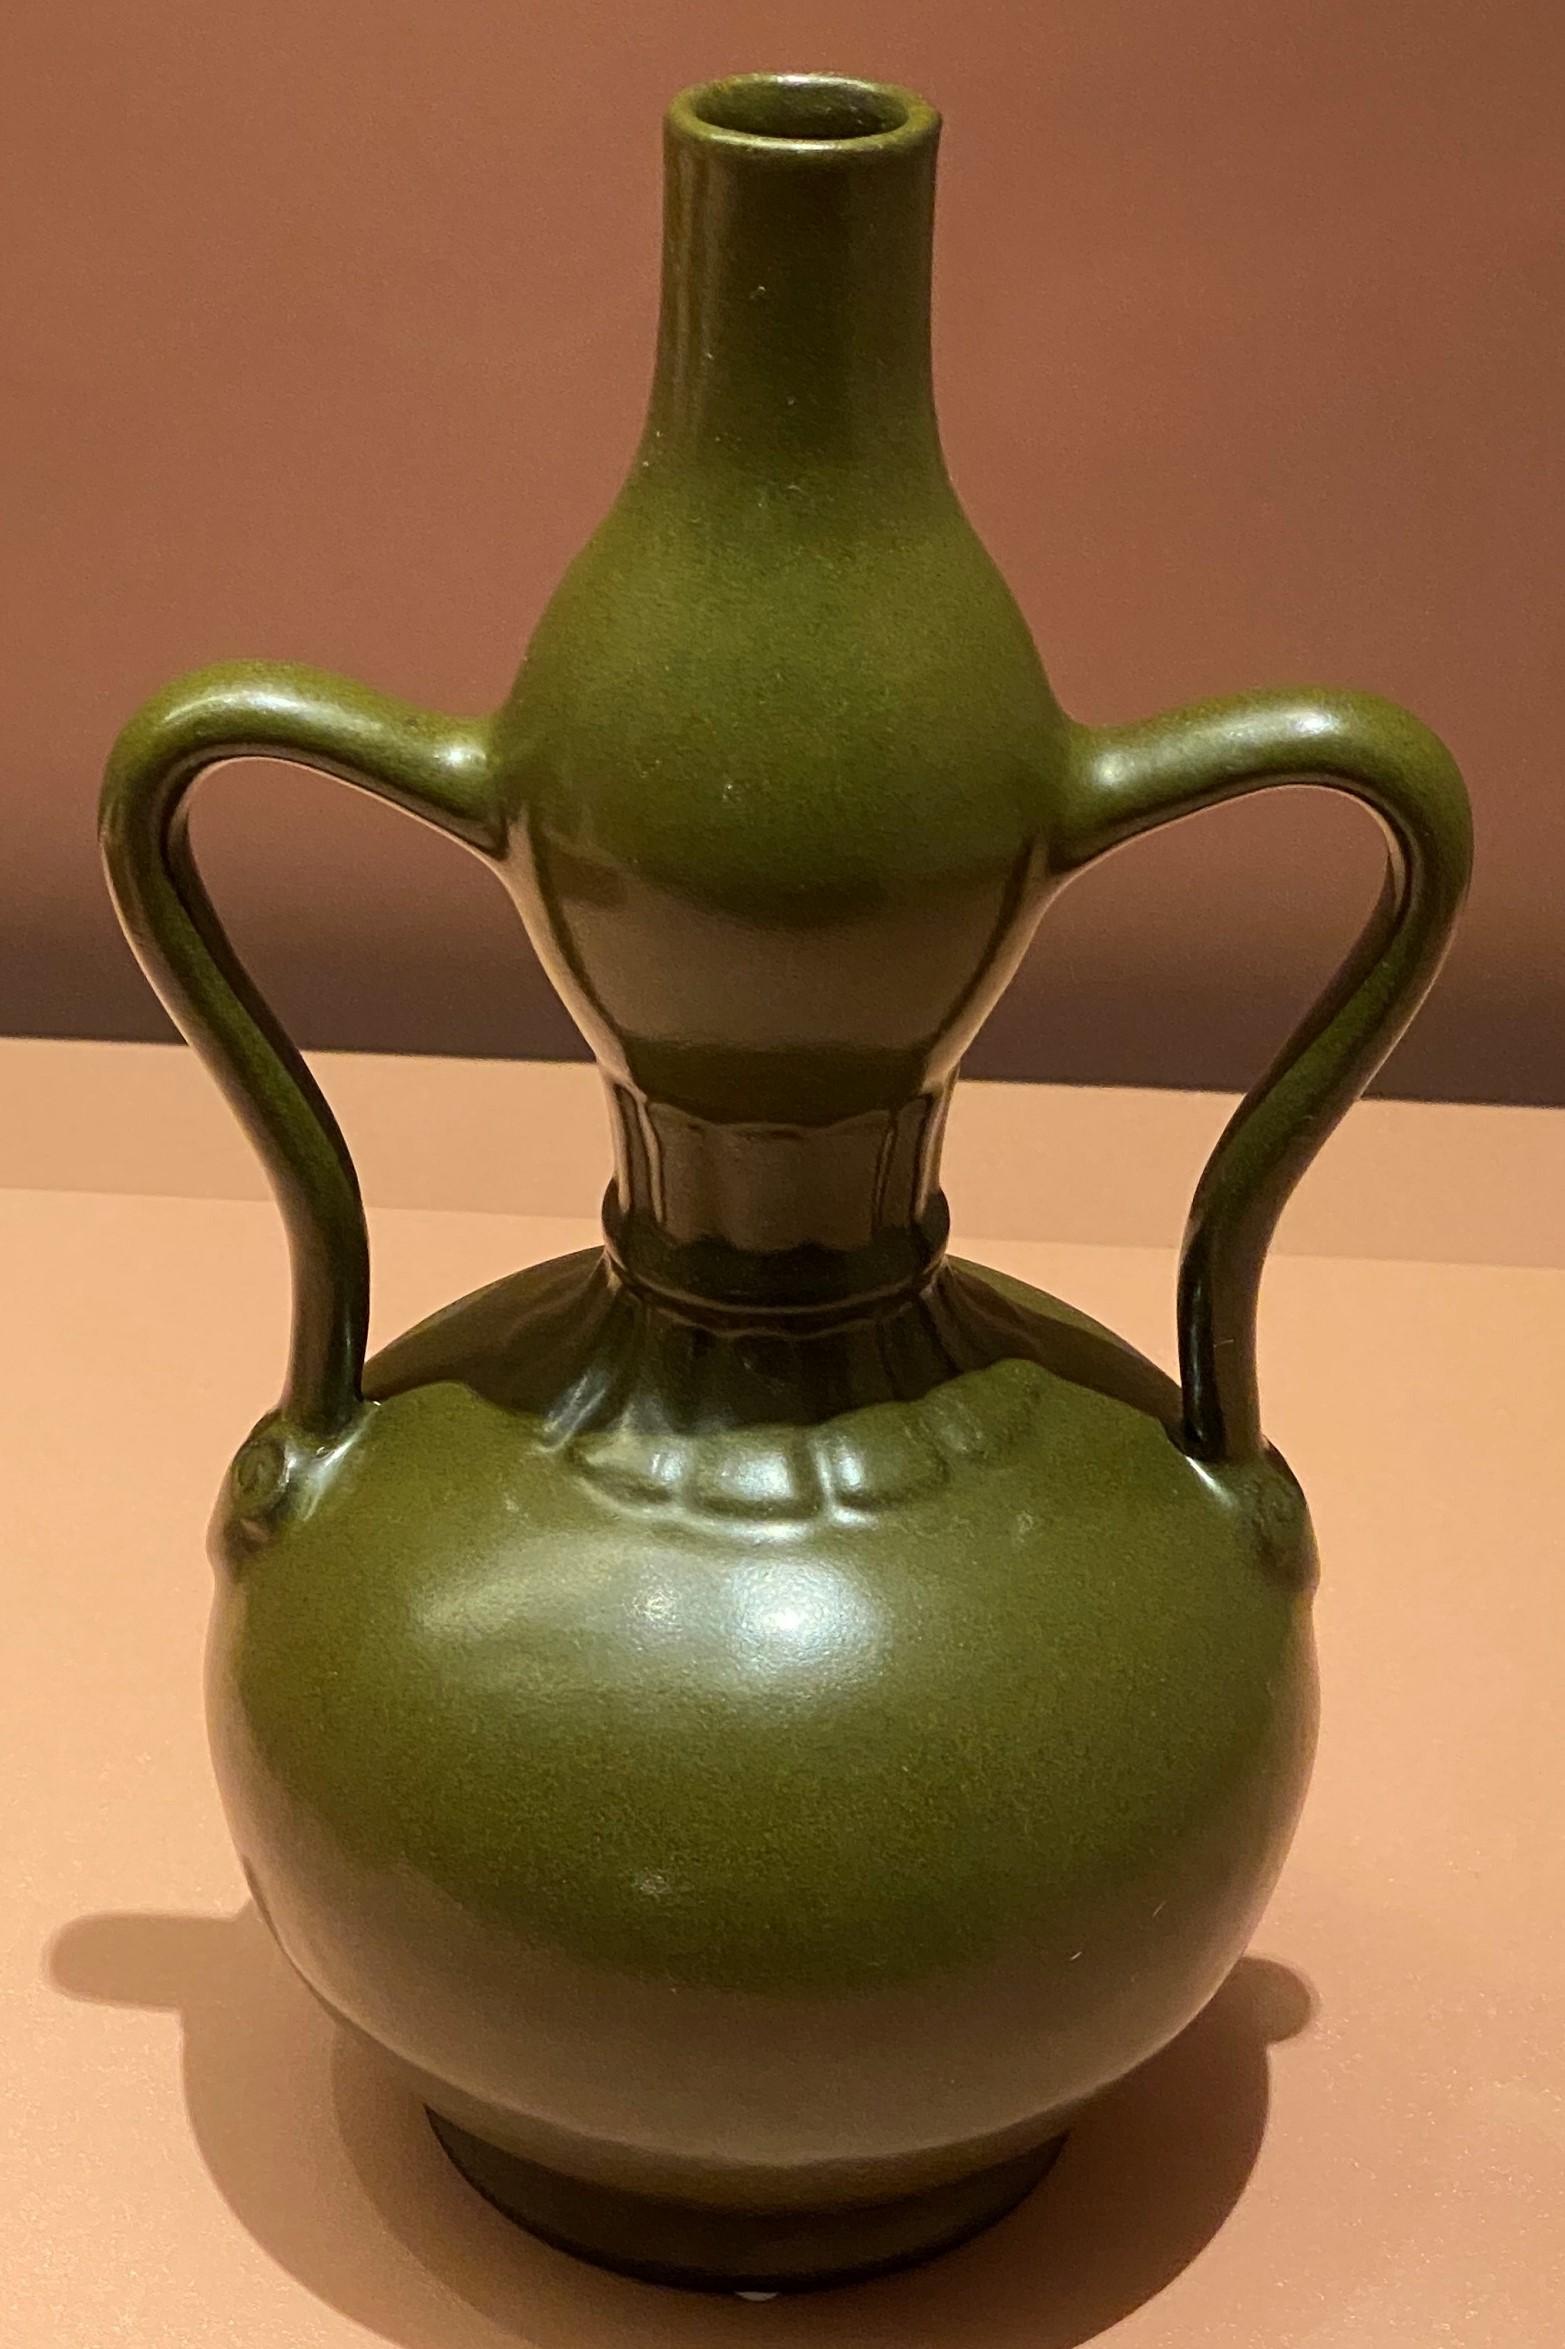 茶葉末釉葫蘆瓶-清時代-特別展【食味人間】四川博物院・中国国家博物館